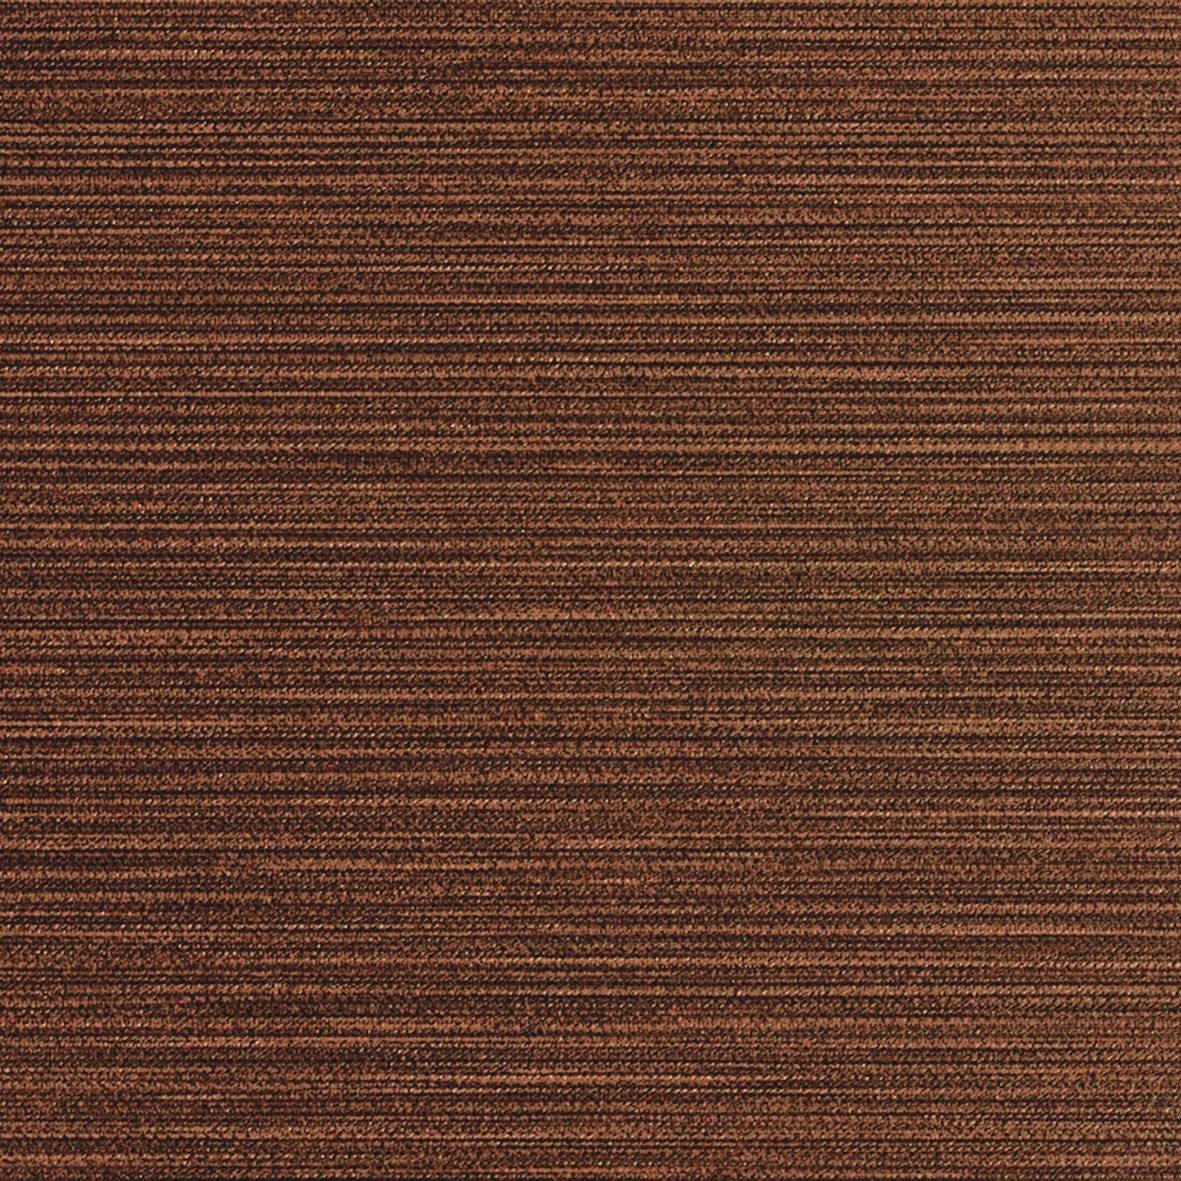 リリカラ 壁紙50m ナチュラル 織物調 ブラウン 撥水トップコートComfort Selection-消臭- LW-2138 B07611NKPT 50m|ブラウン2